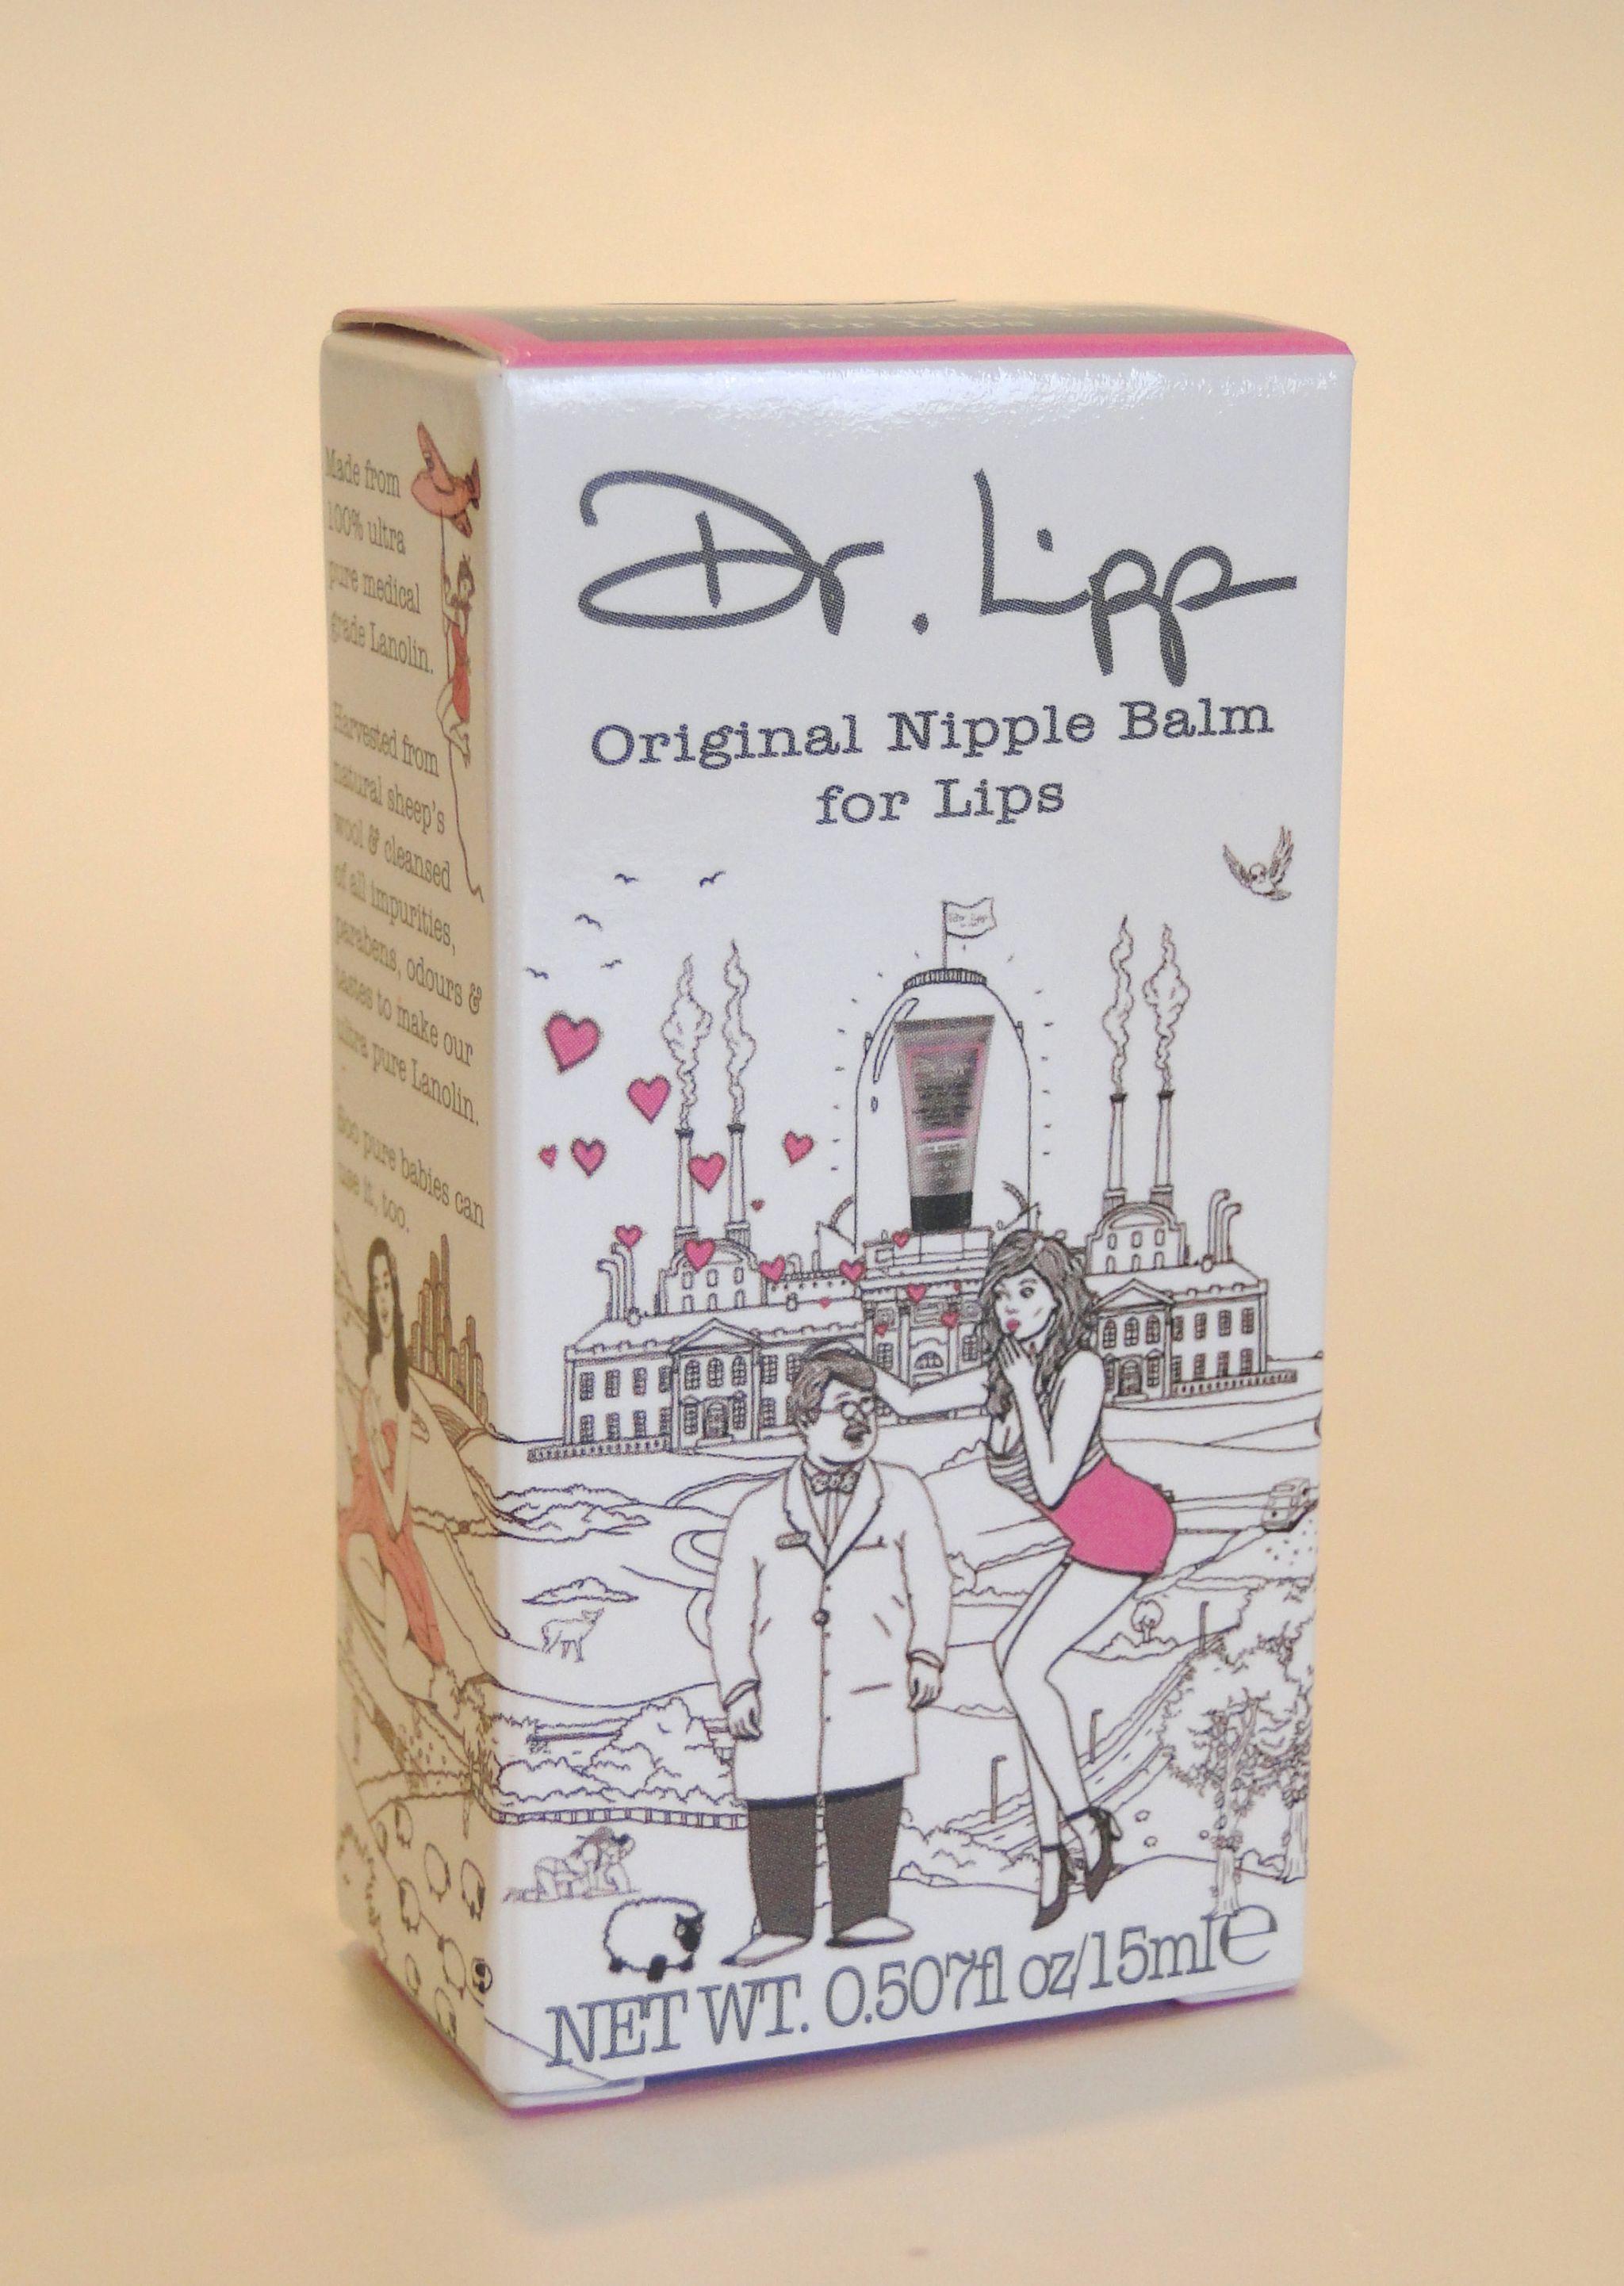 Dr Lipp Nipple Balm